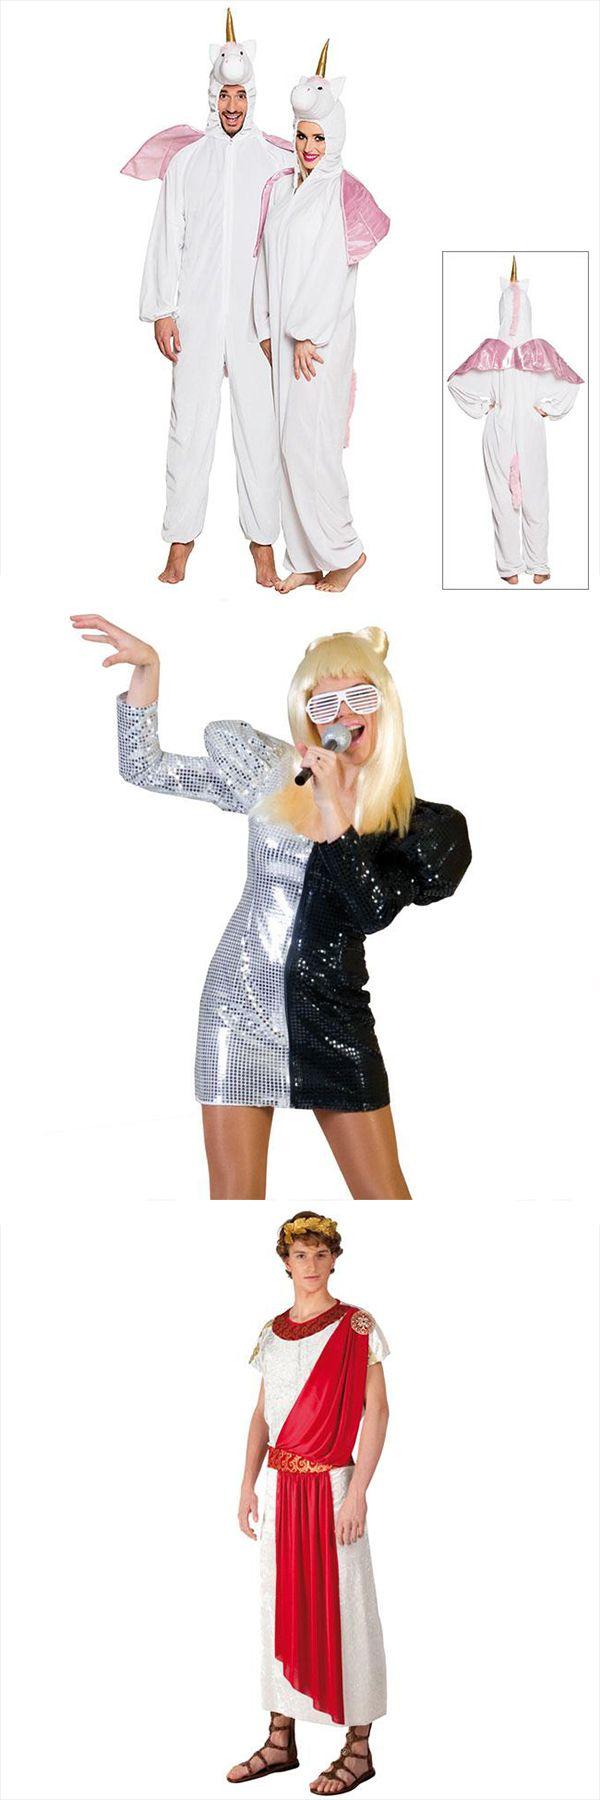 Kostümtrends 2017 #Einhorn #Plüschkostüm #LadyGaga #Römer